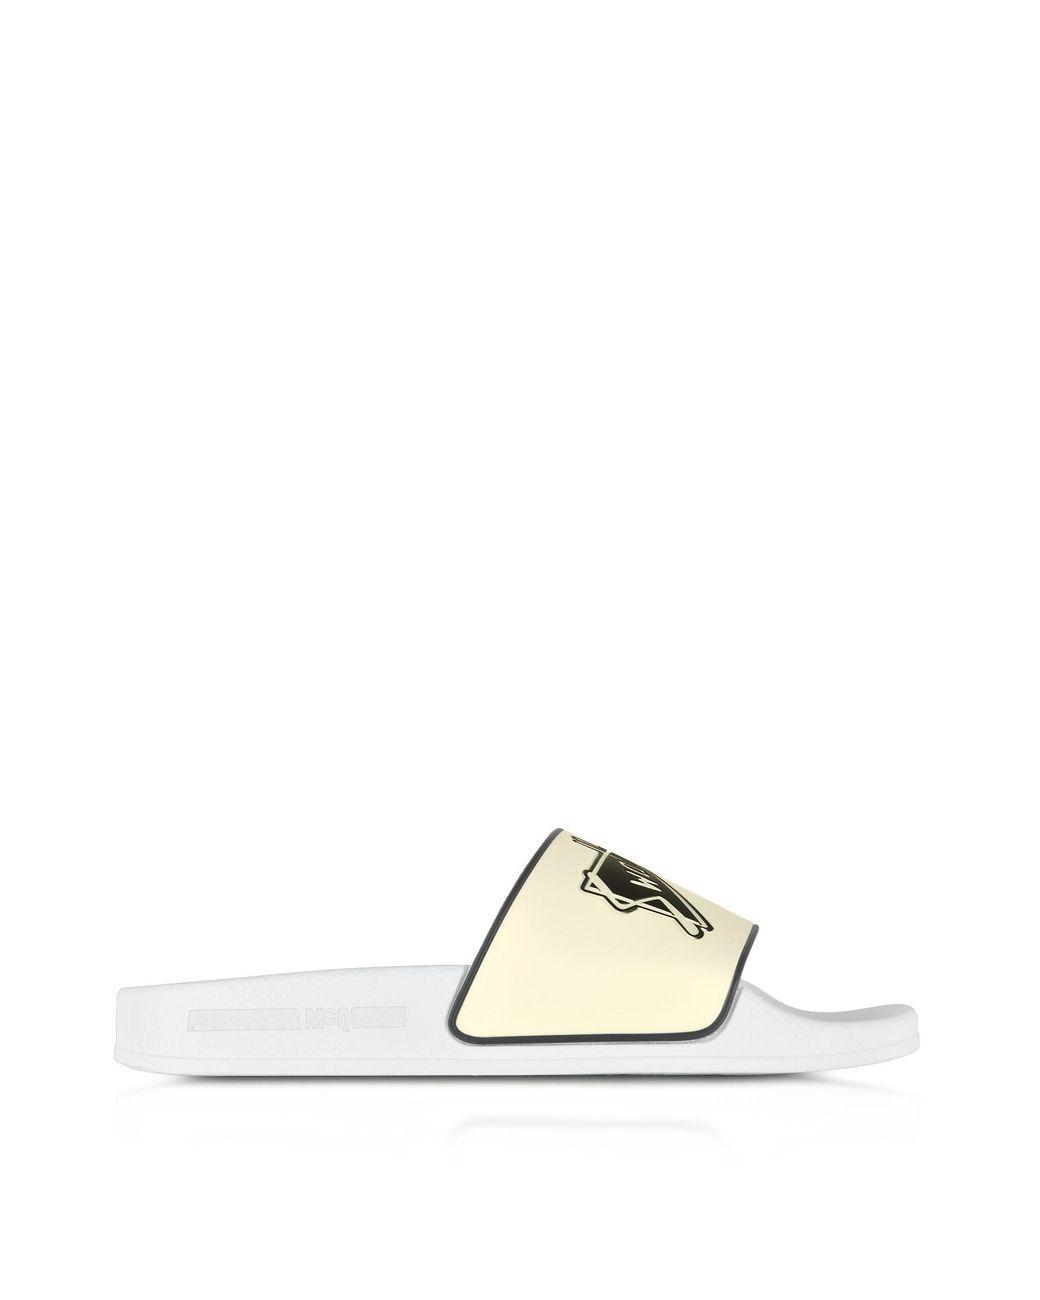 Sandales De Piscine En Caoutchouc Blanc Avec Imprimé Swallow dedans Sandales De Piscine